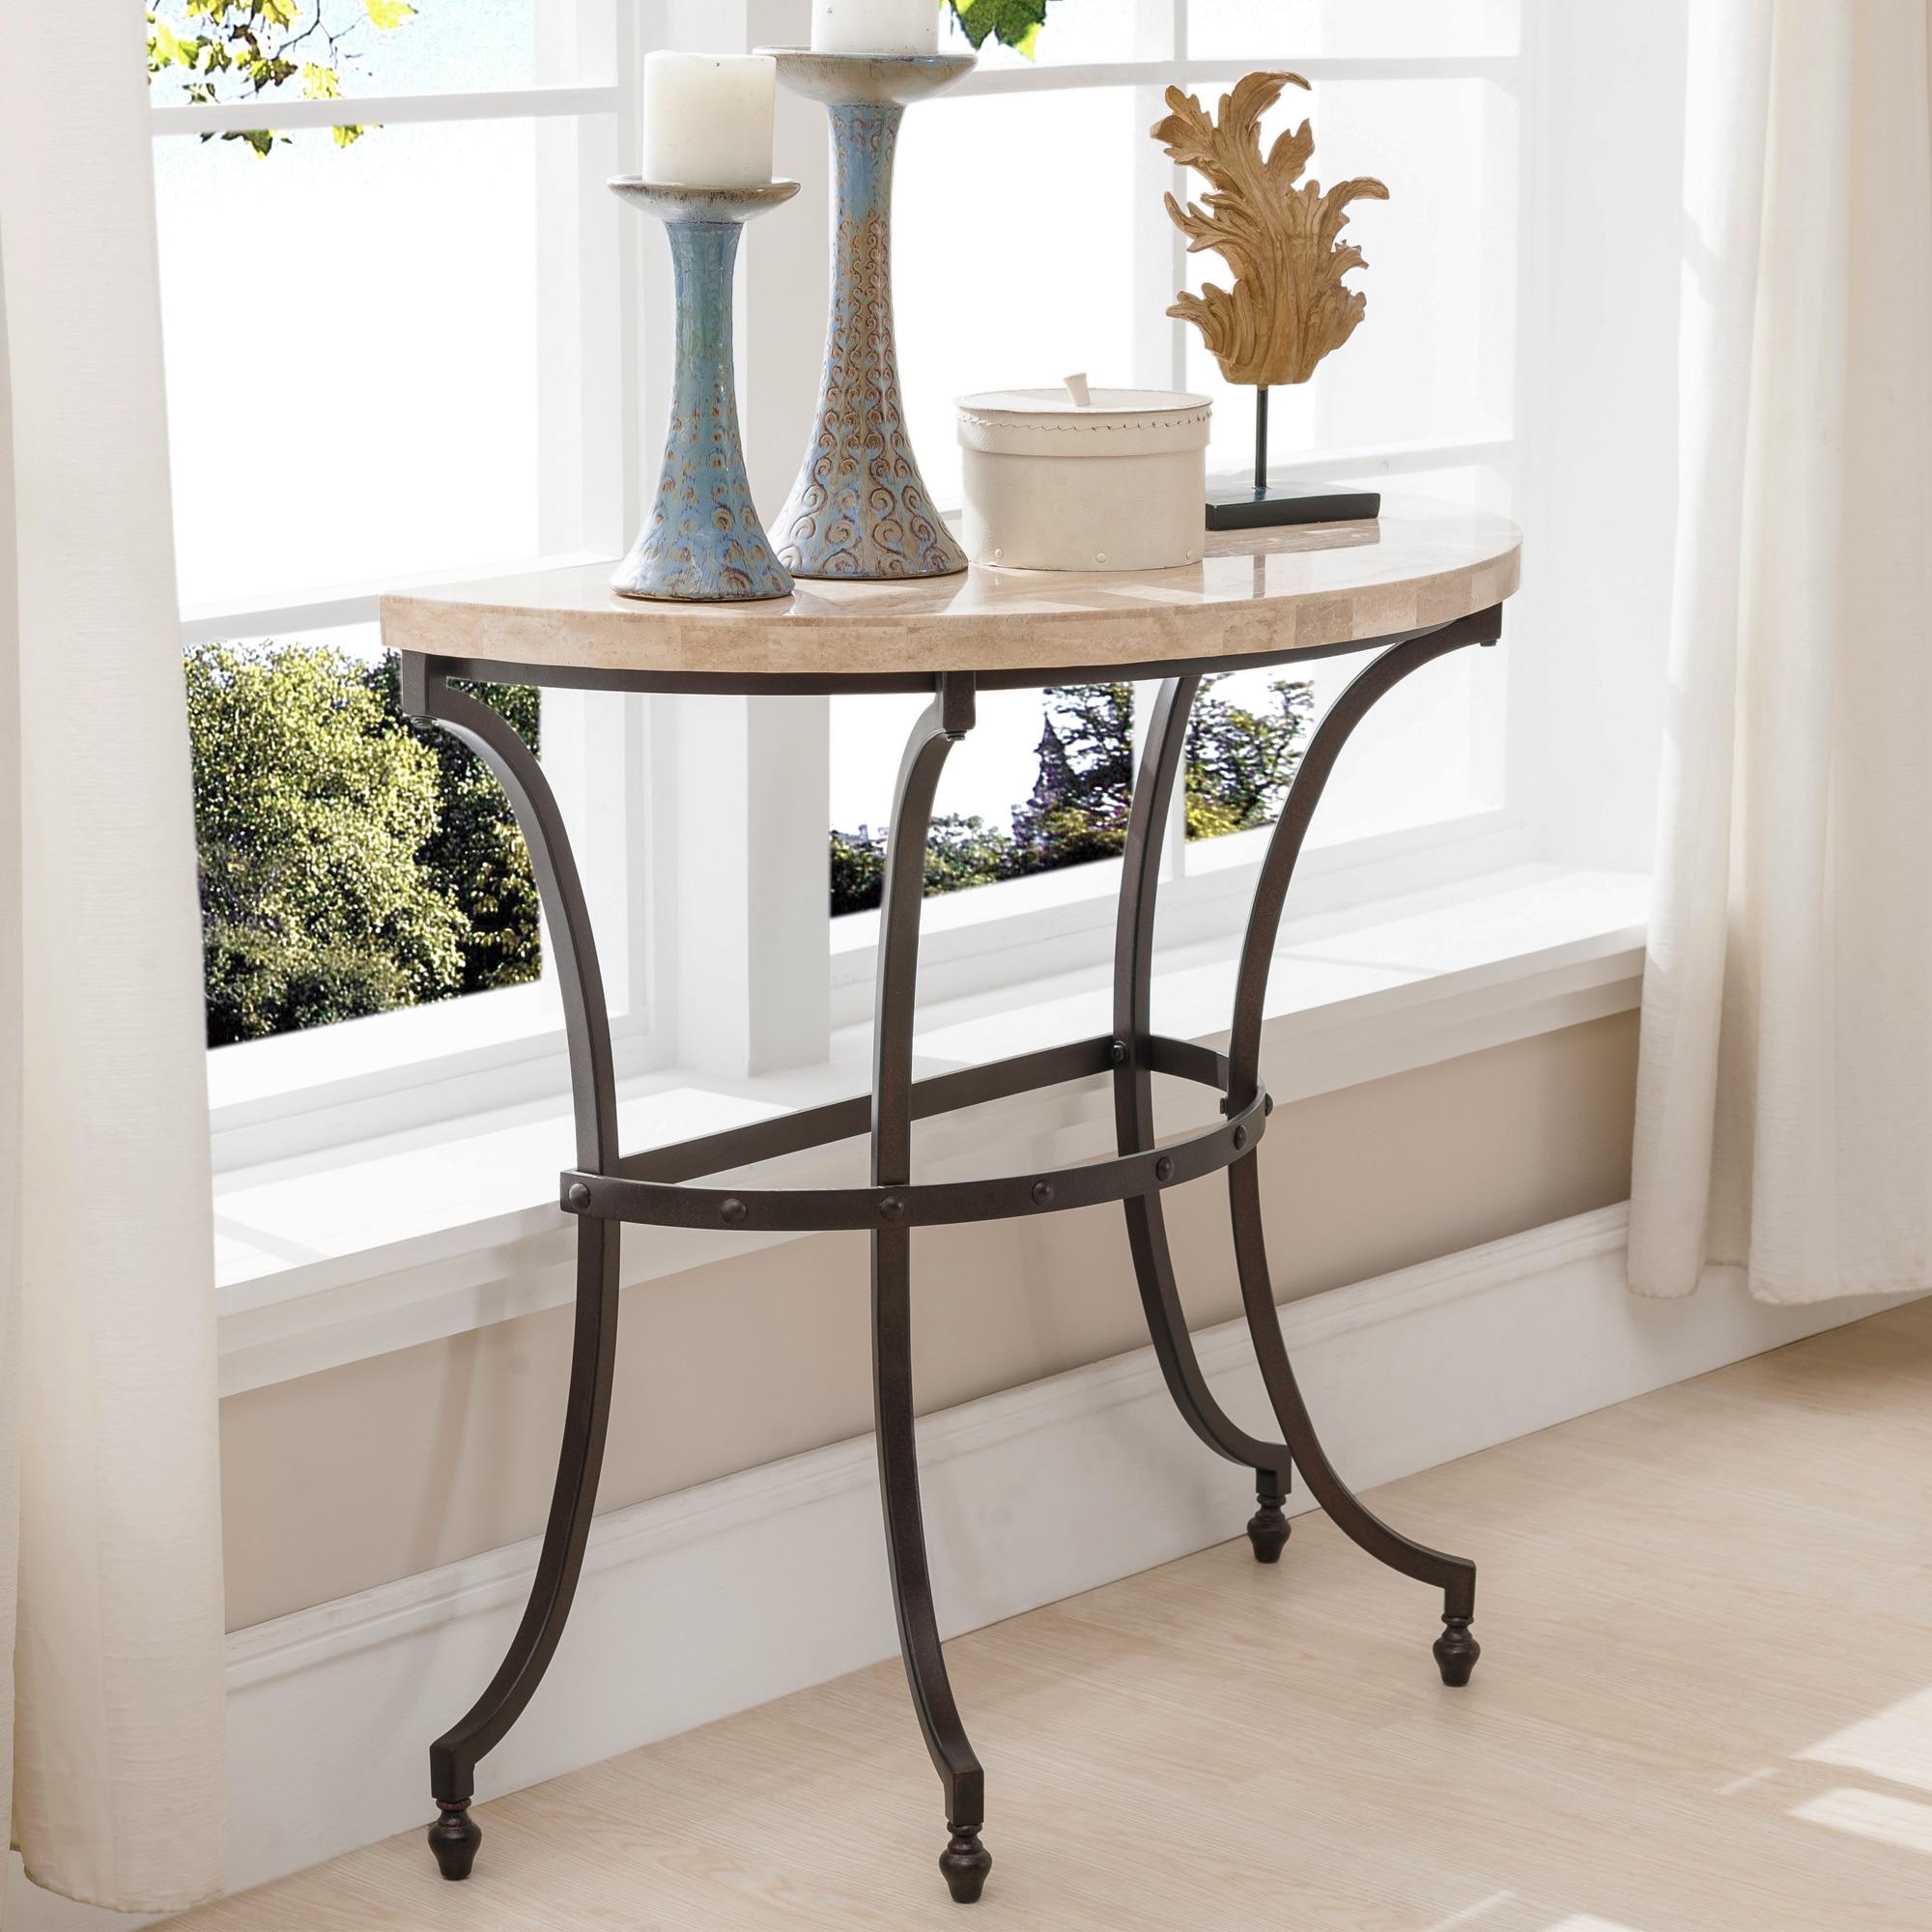 Copper Grove Lavender Travertine Stone Top Console Table W Rubbed Bronze Metal Base